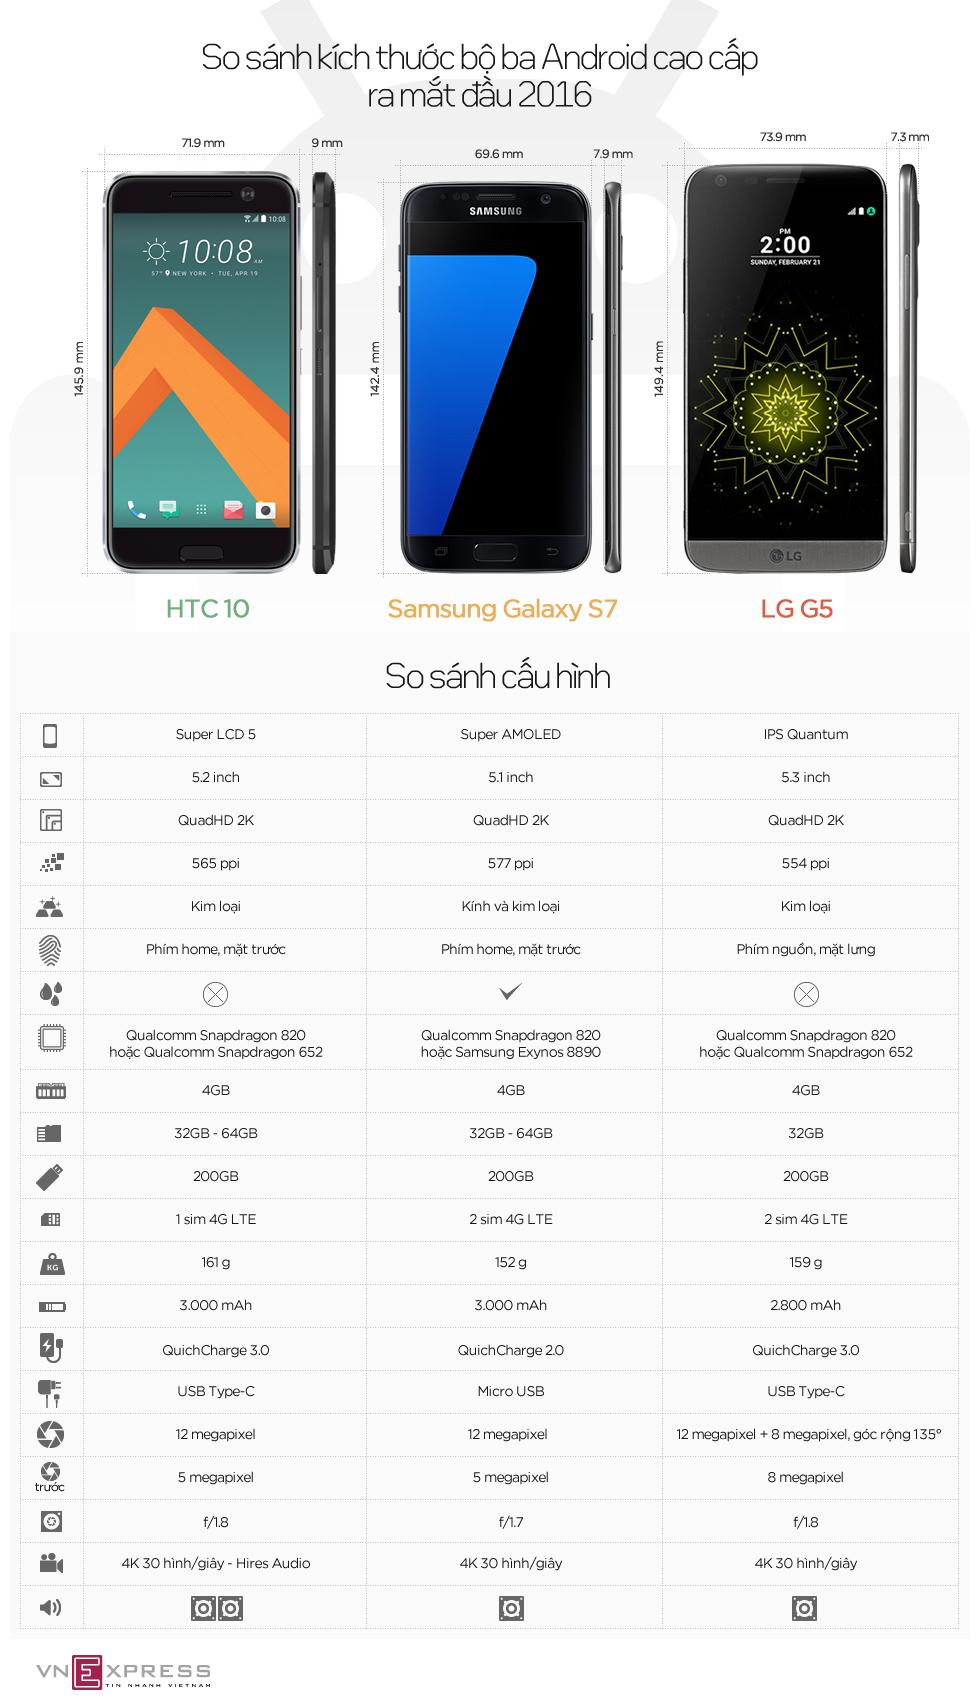 So sánh bộ ba Android cao cấp Samsung, LG và HTC